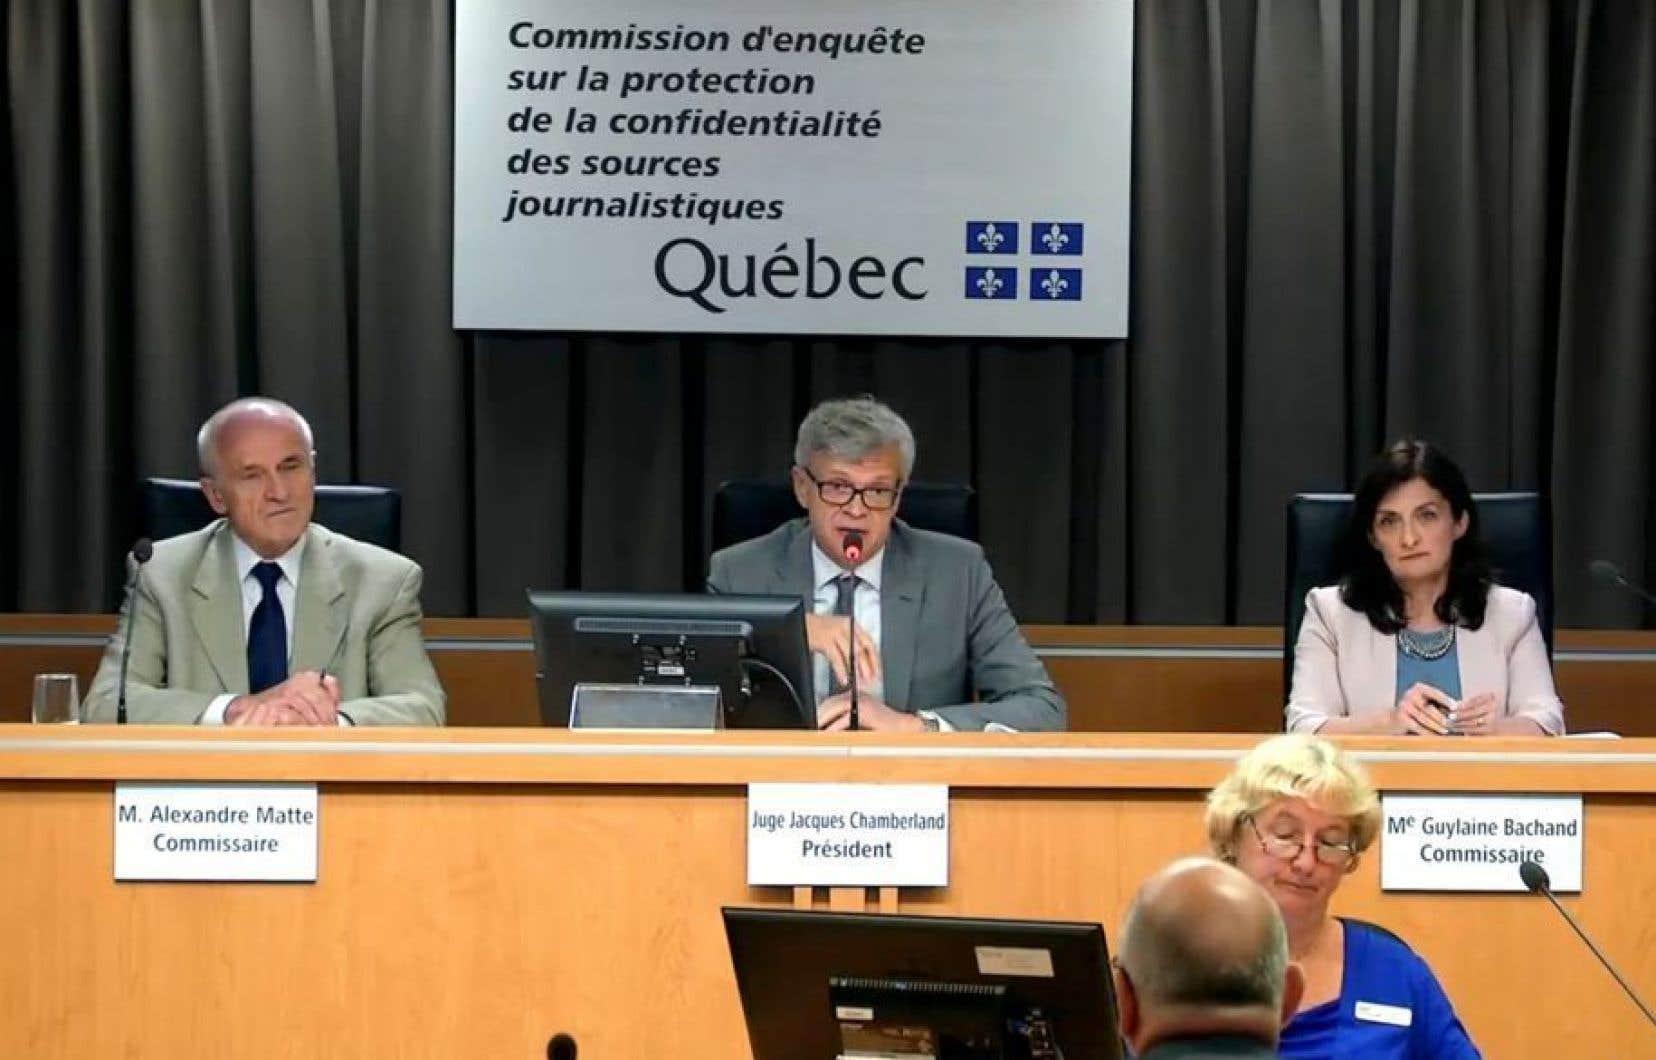 La Commission d'enquête sur la protection de la confidentialité des sources a entendu mercredi ses derniers mémoires.